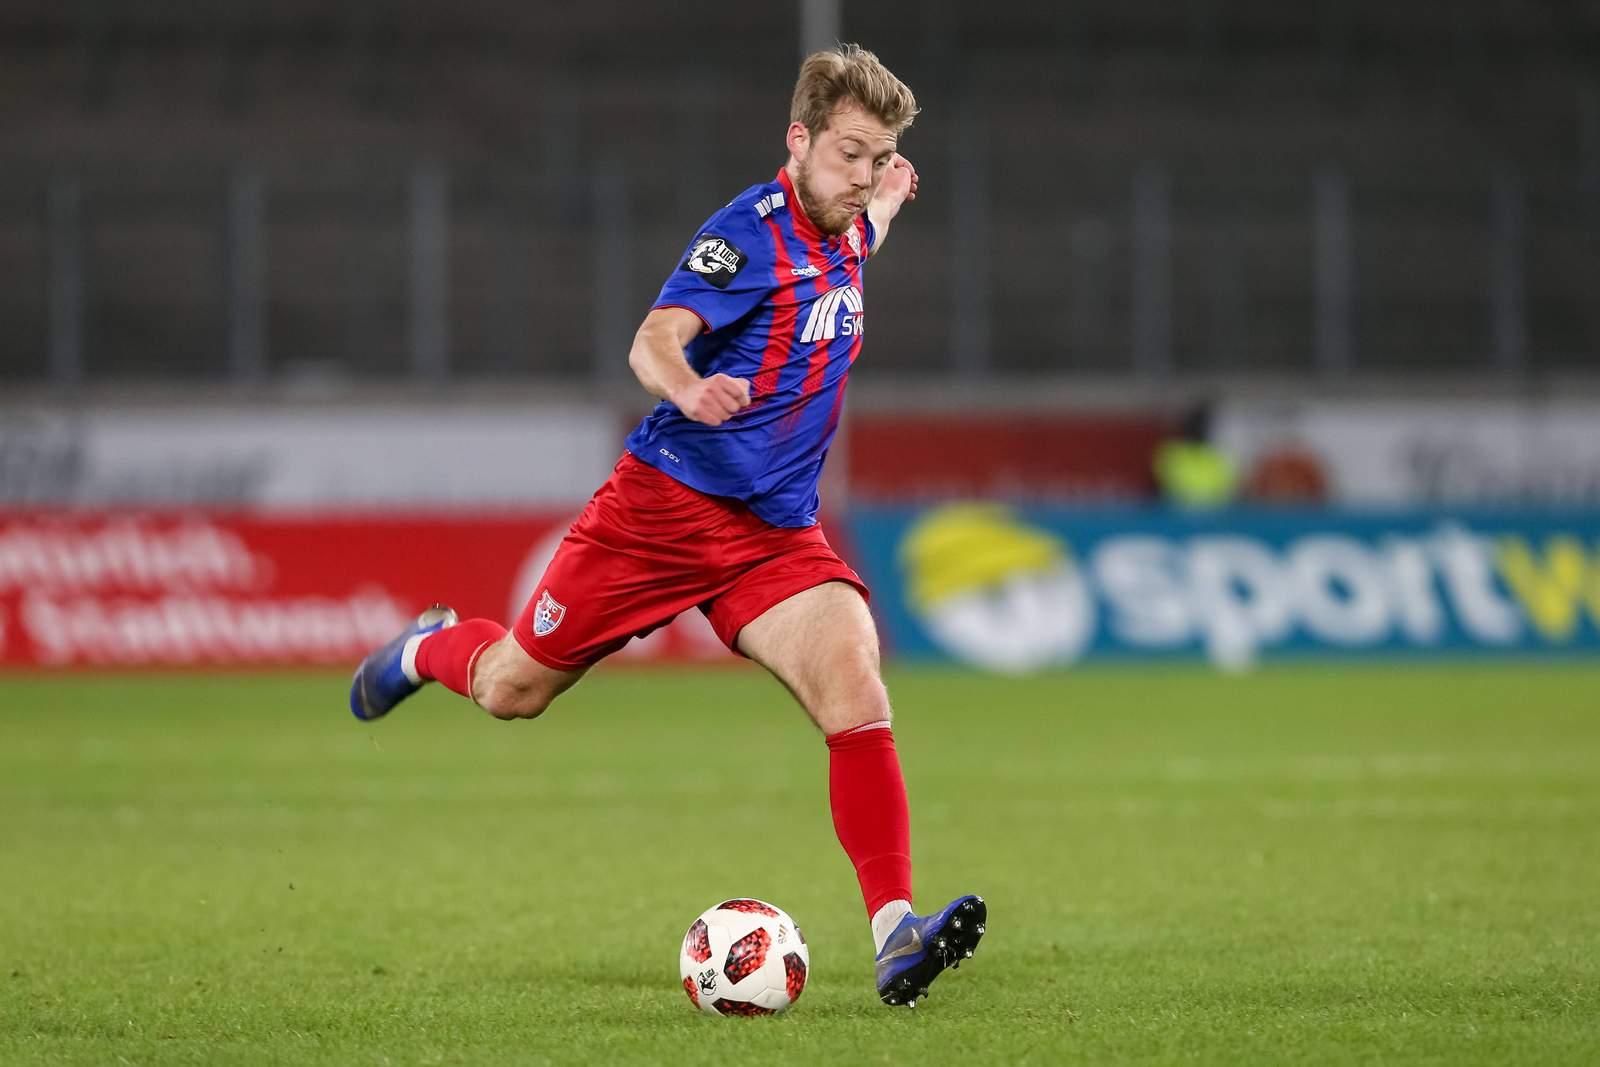 Connor Krempicki am Ball für den KFC Uerdingen